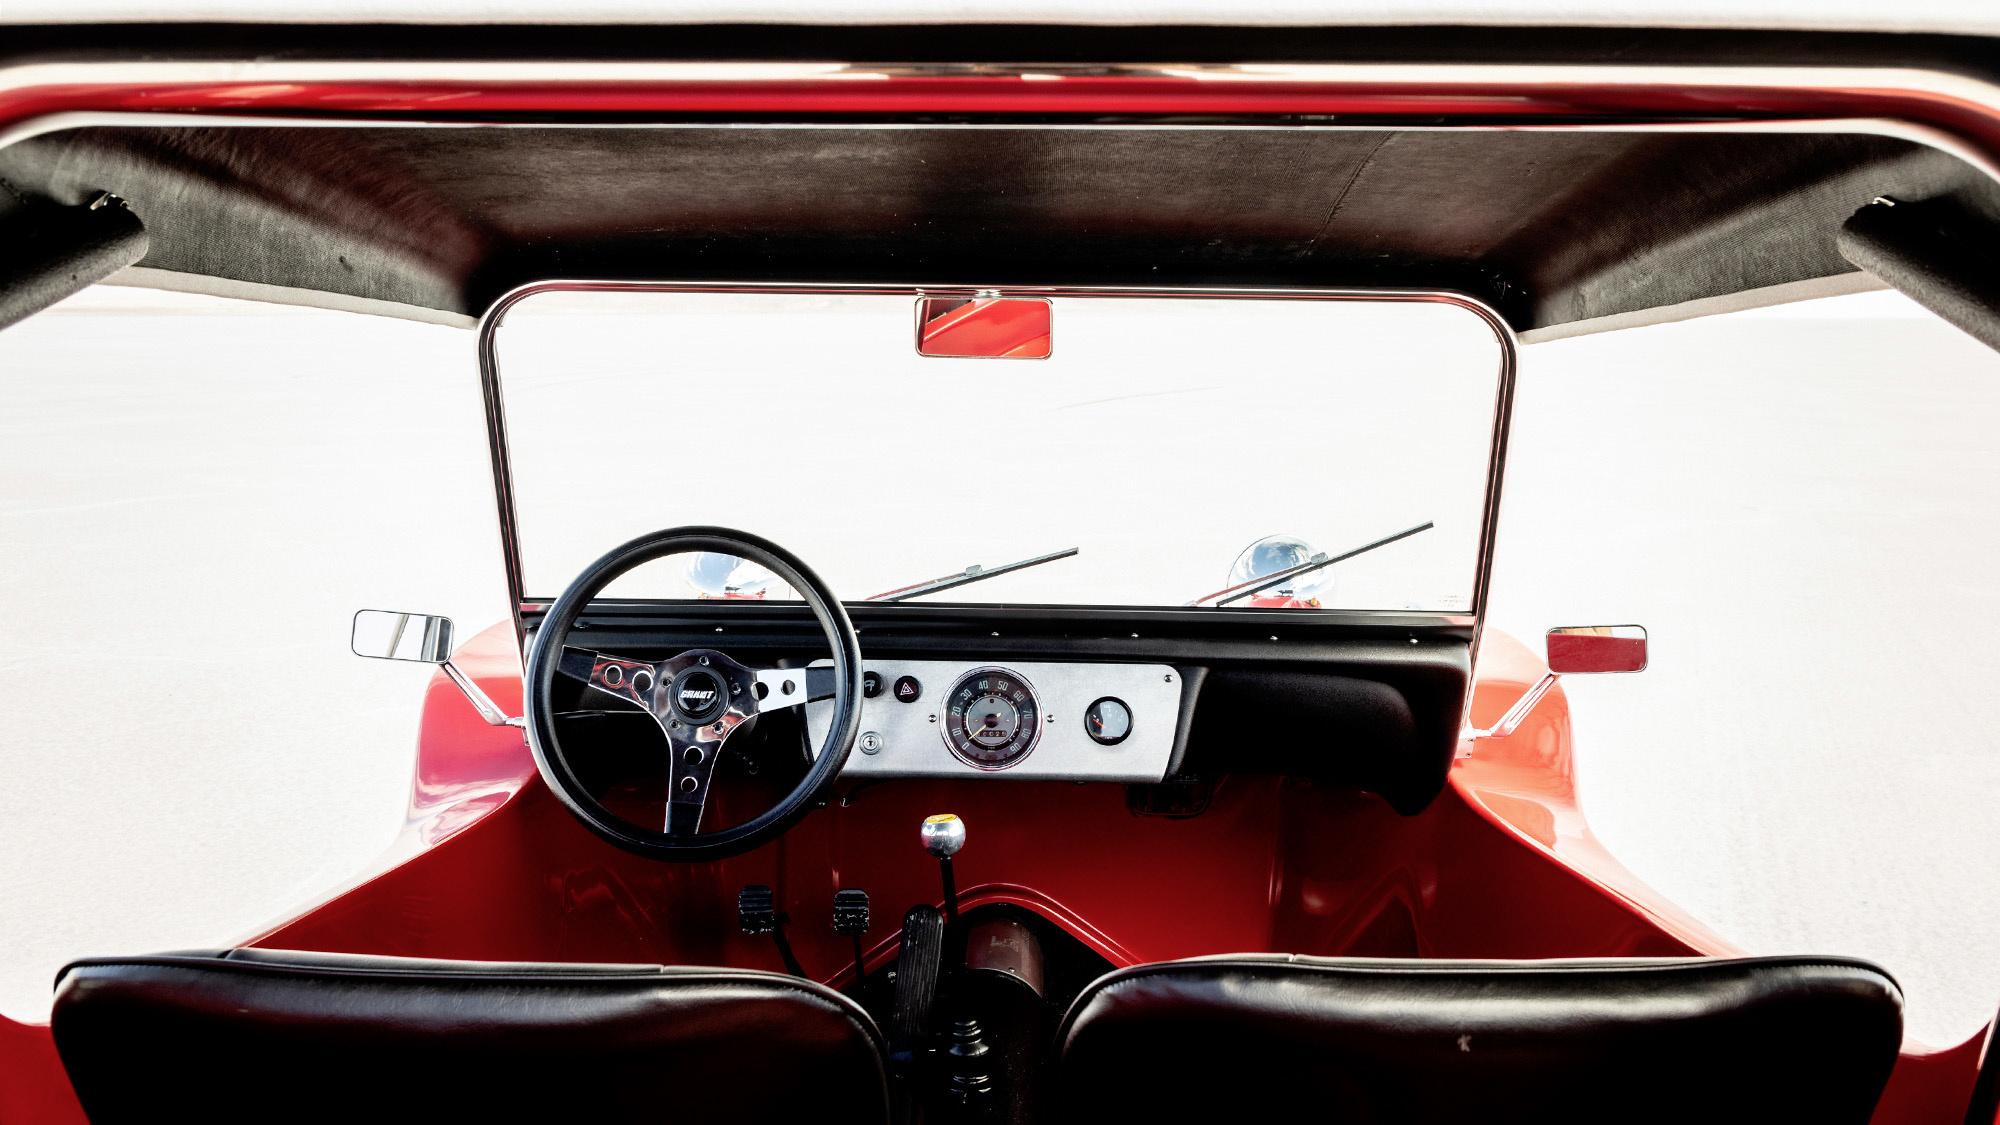 Meyers Manx Fiberglass Dune Buggy interior